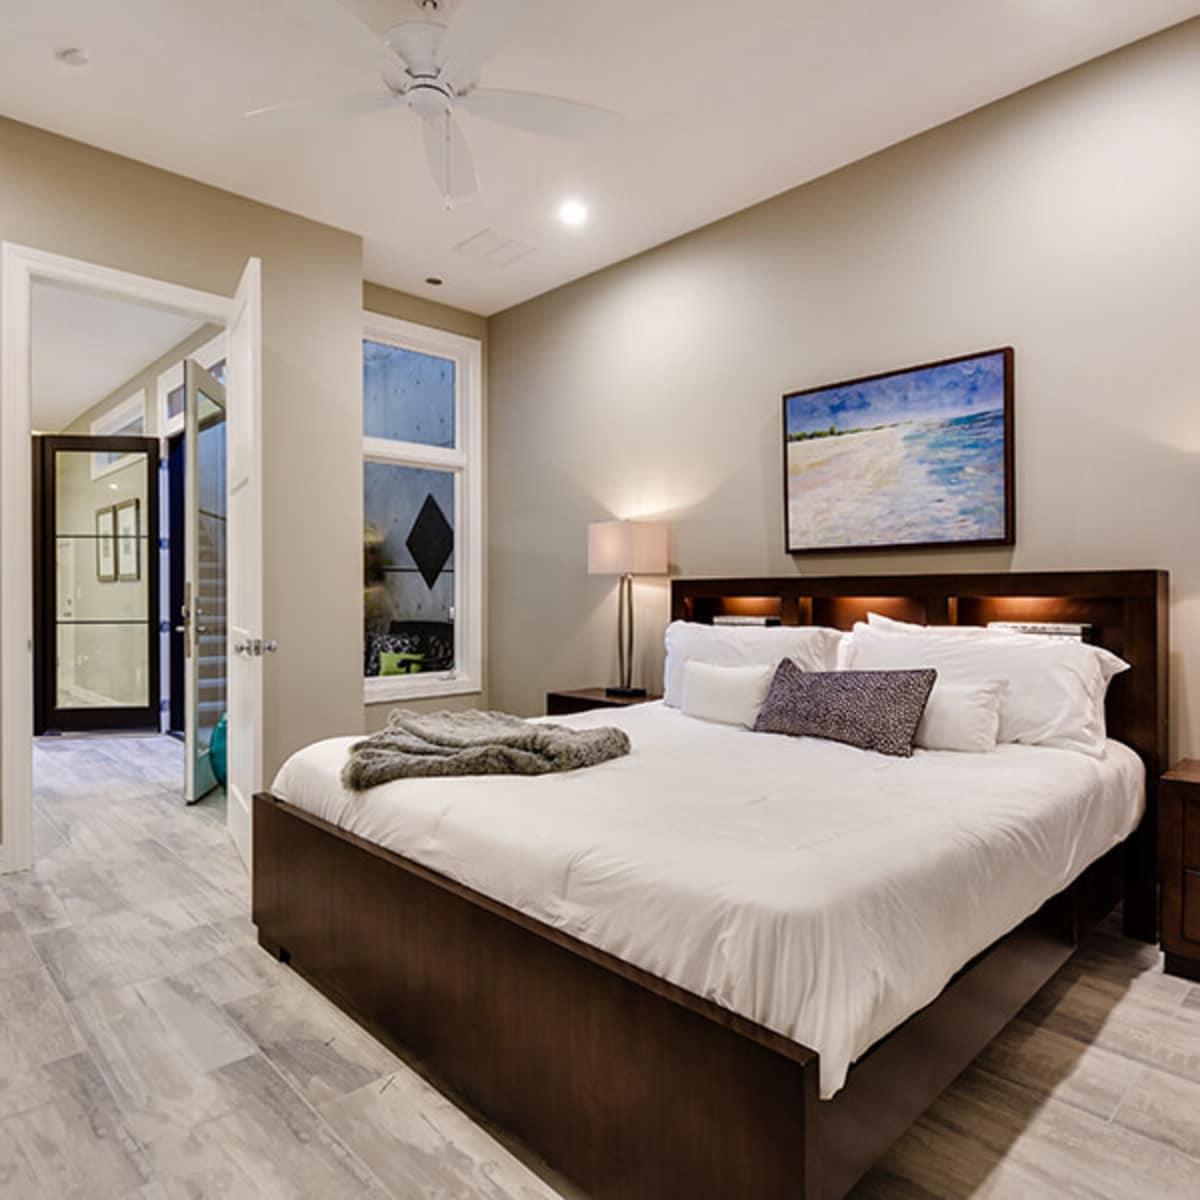 3612 Enfield - Basement Bedroom